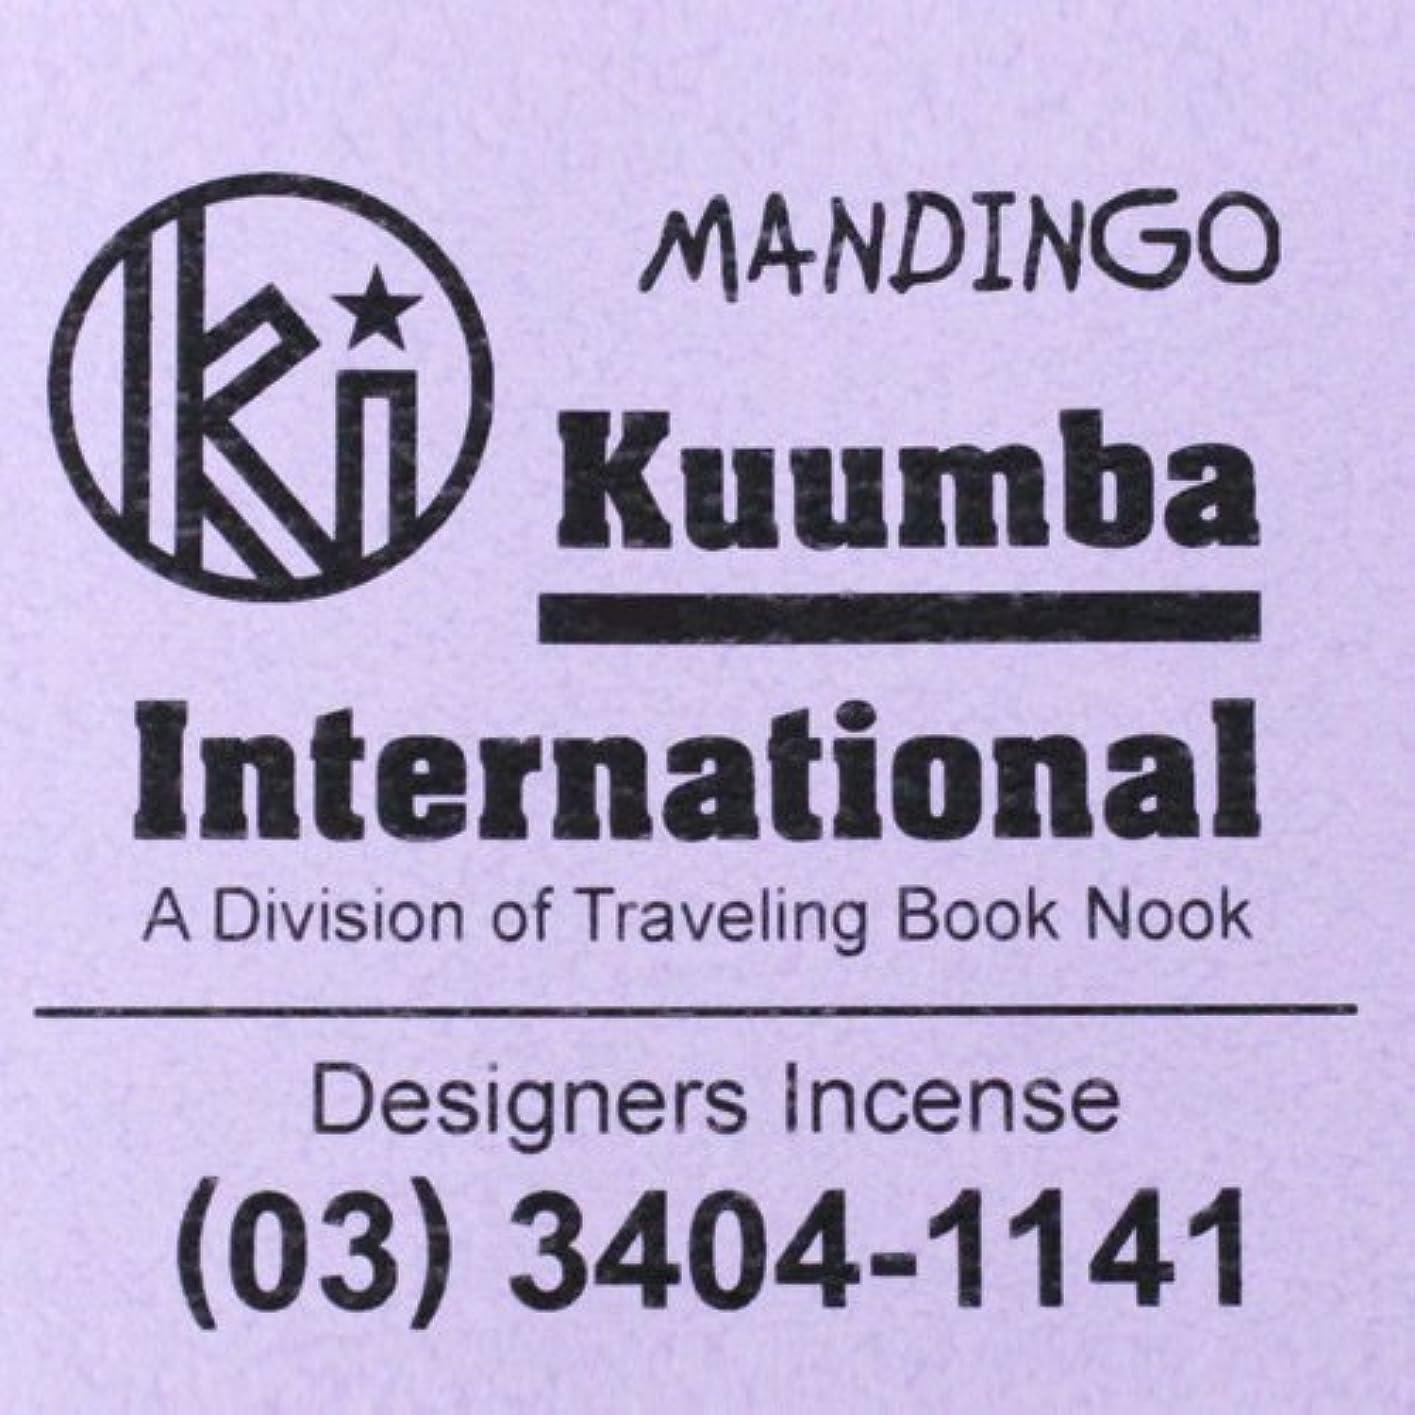 特許ピアノ終わり(クンバ) KUUMBA『incense』(MANDINGO) (Regular size)